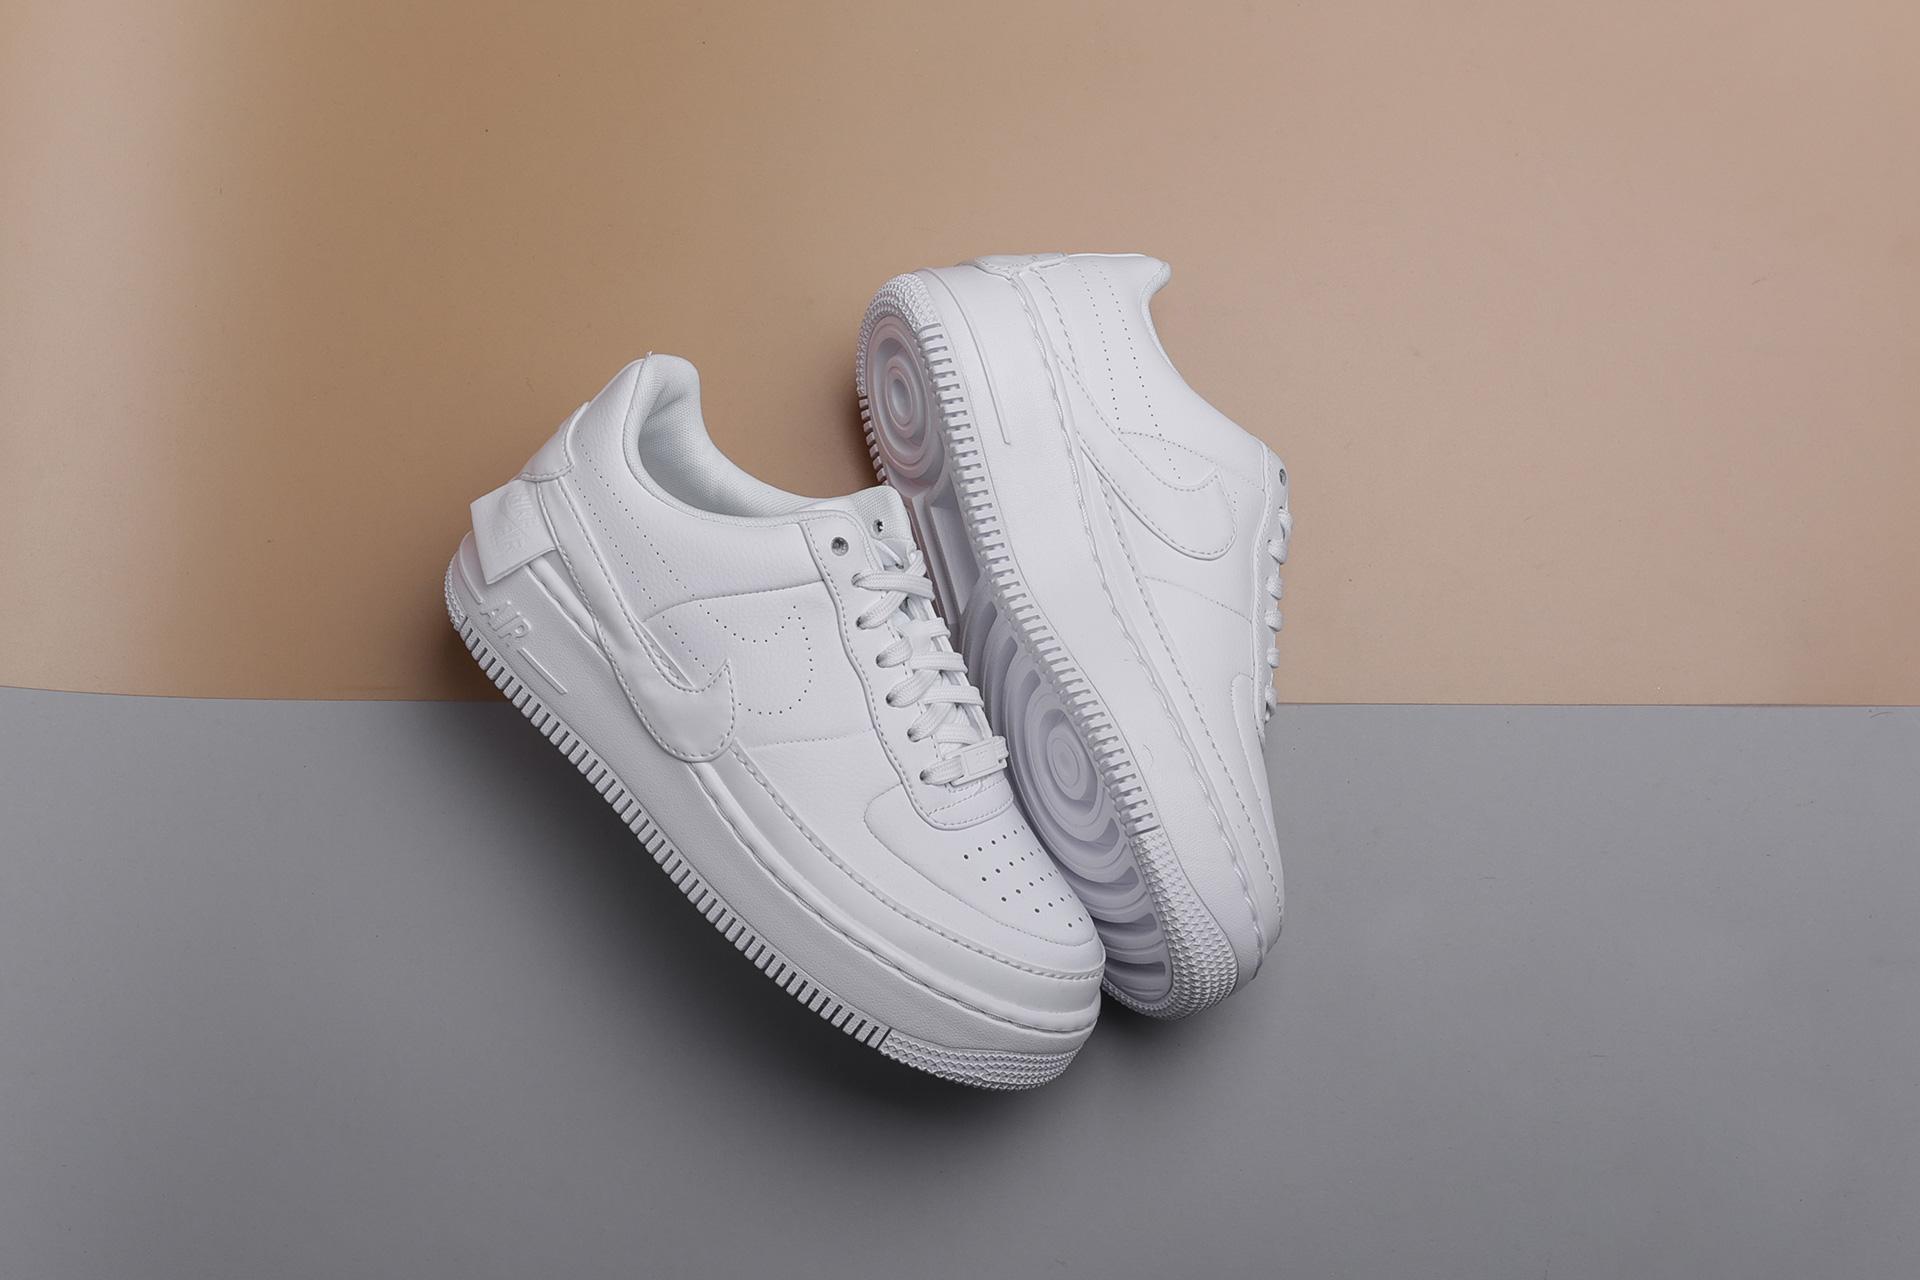 0b3930e0 Купить белые женские кроссовки W AF1 Jester XX от Nike (AO1220-101 ...